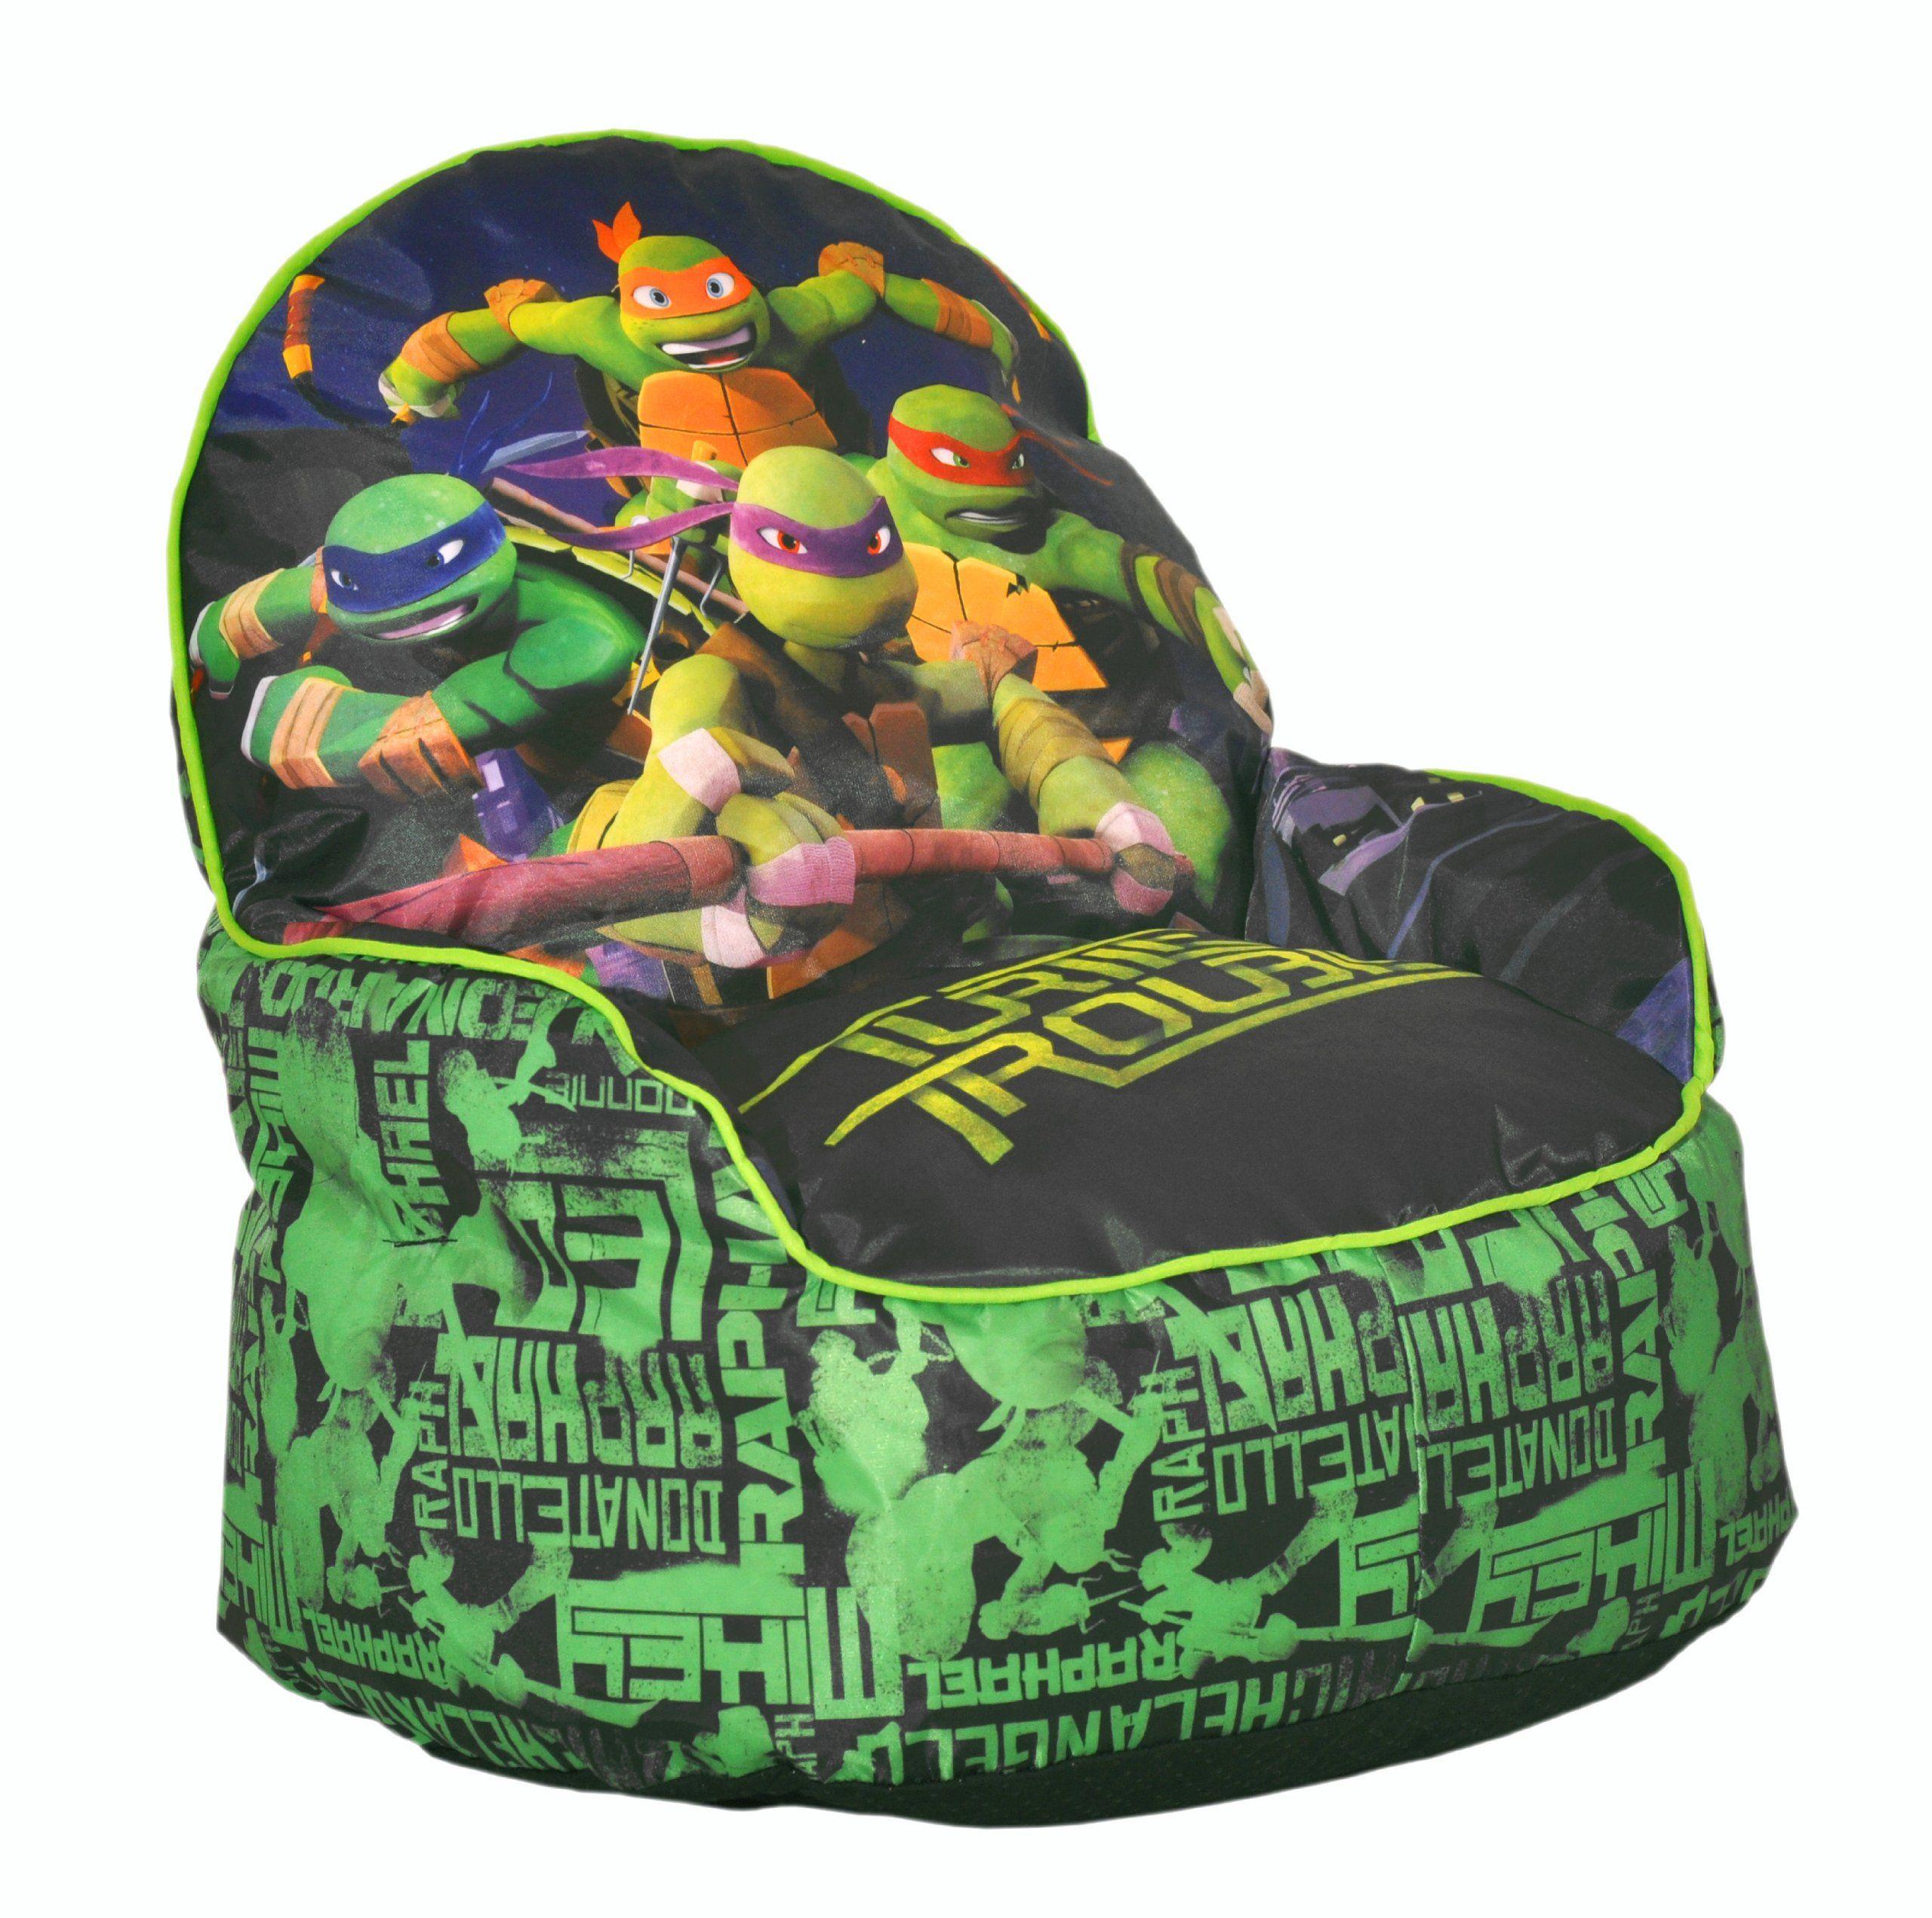 Nickelodeon Teenage Mutant Ninja Turtles Sofa Chair in